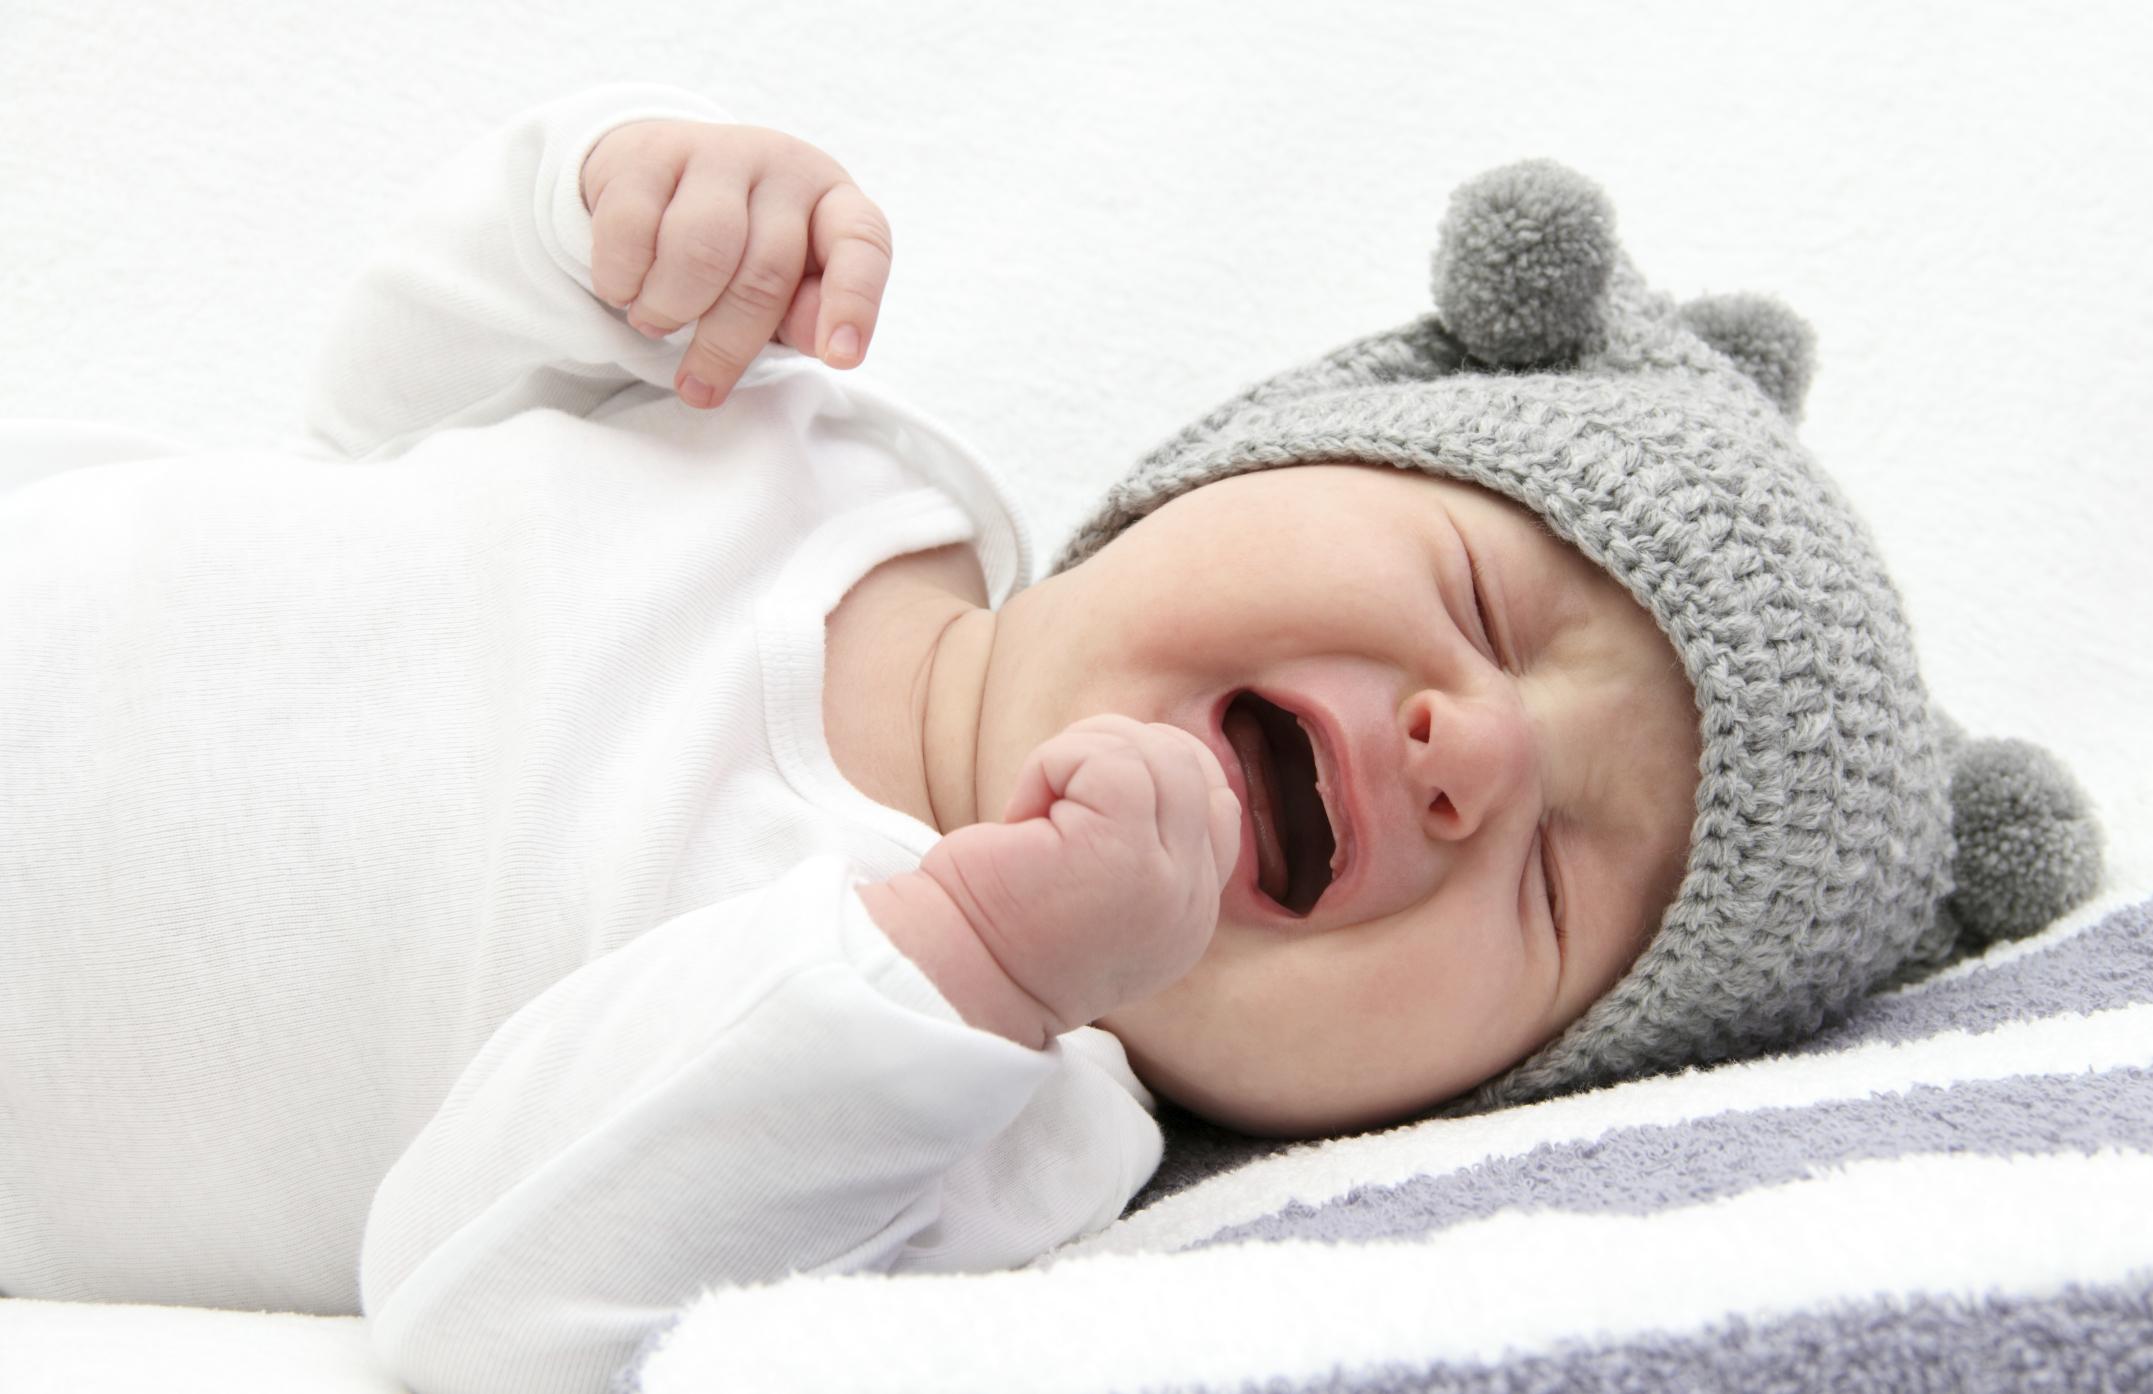 赤ちゃんの脱水症状。悪化する前に知っておきたい症状まとめ